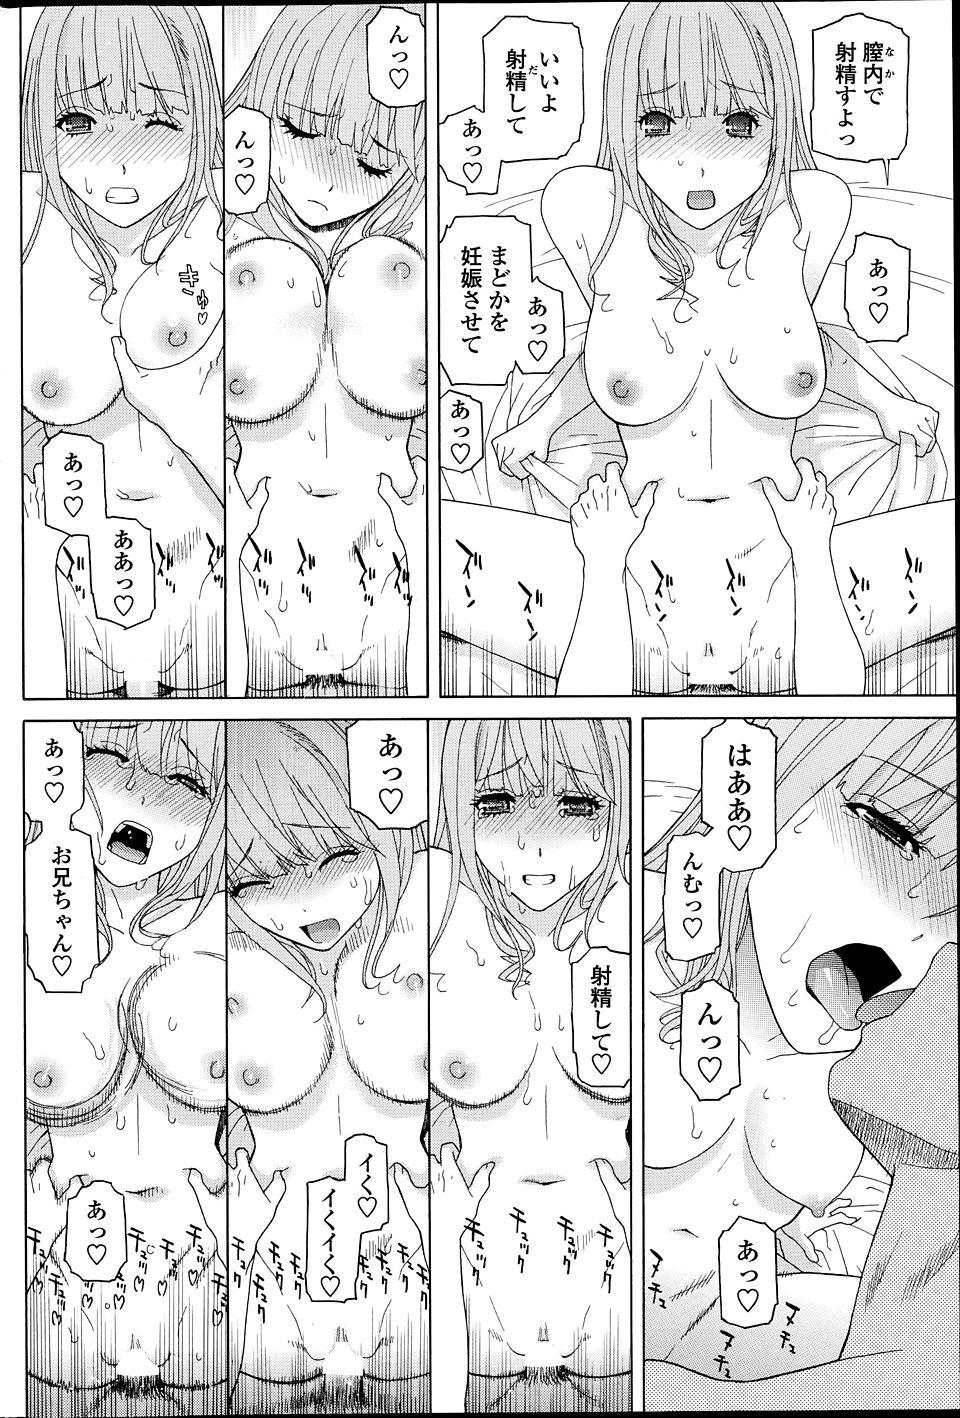 【エロ漫画・エロ同人】巨乳義妹のアナル開発してアナルセックスしてるwww (14)